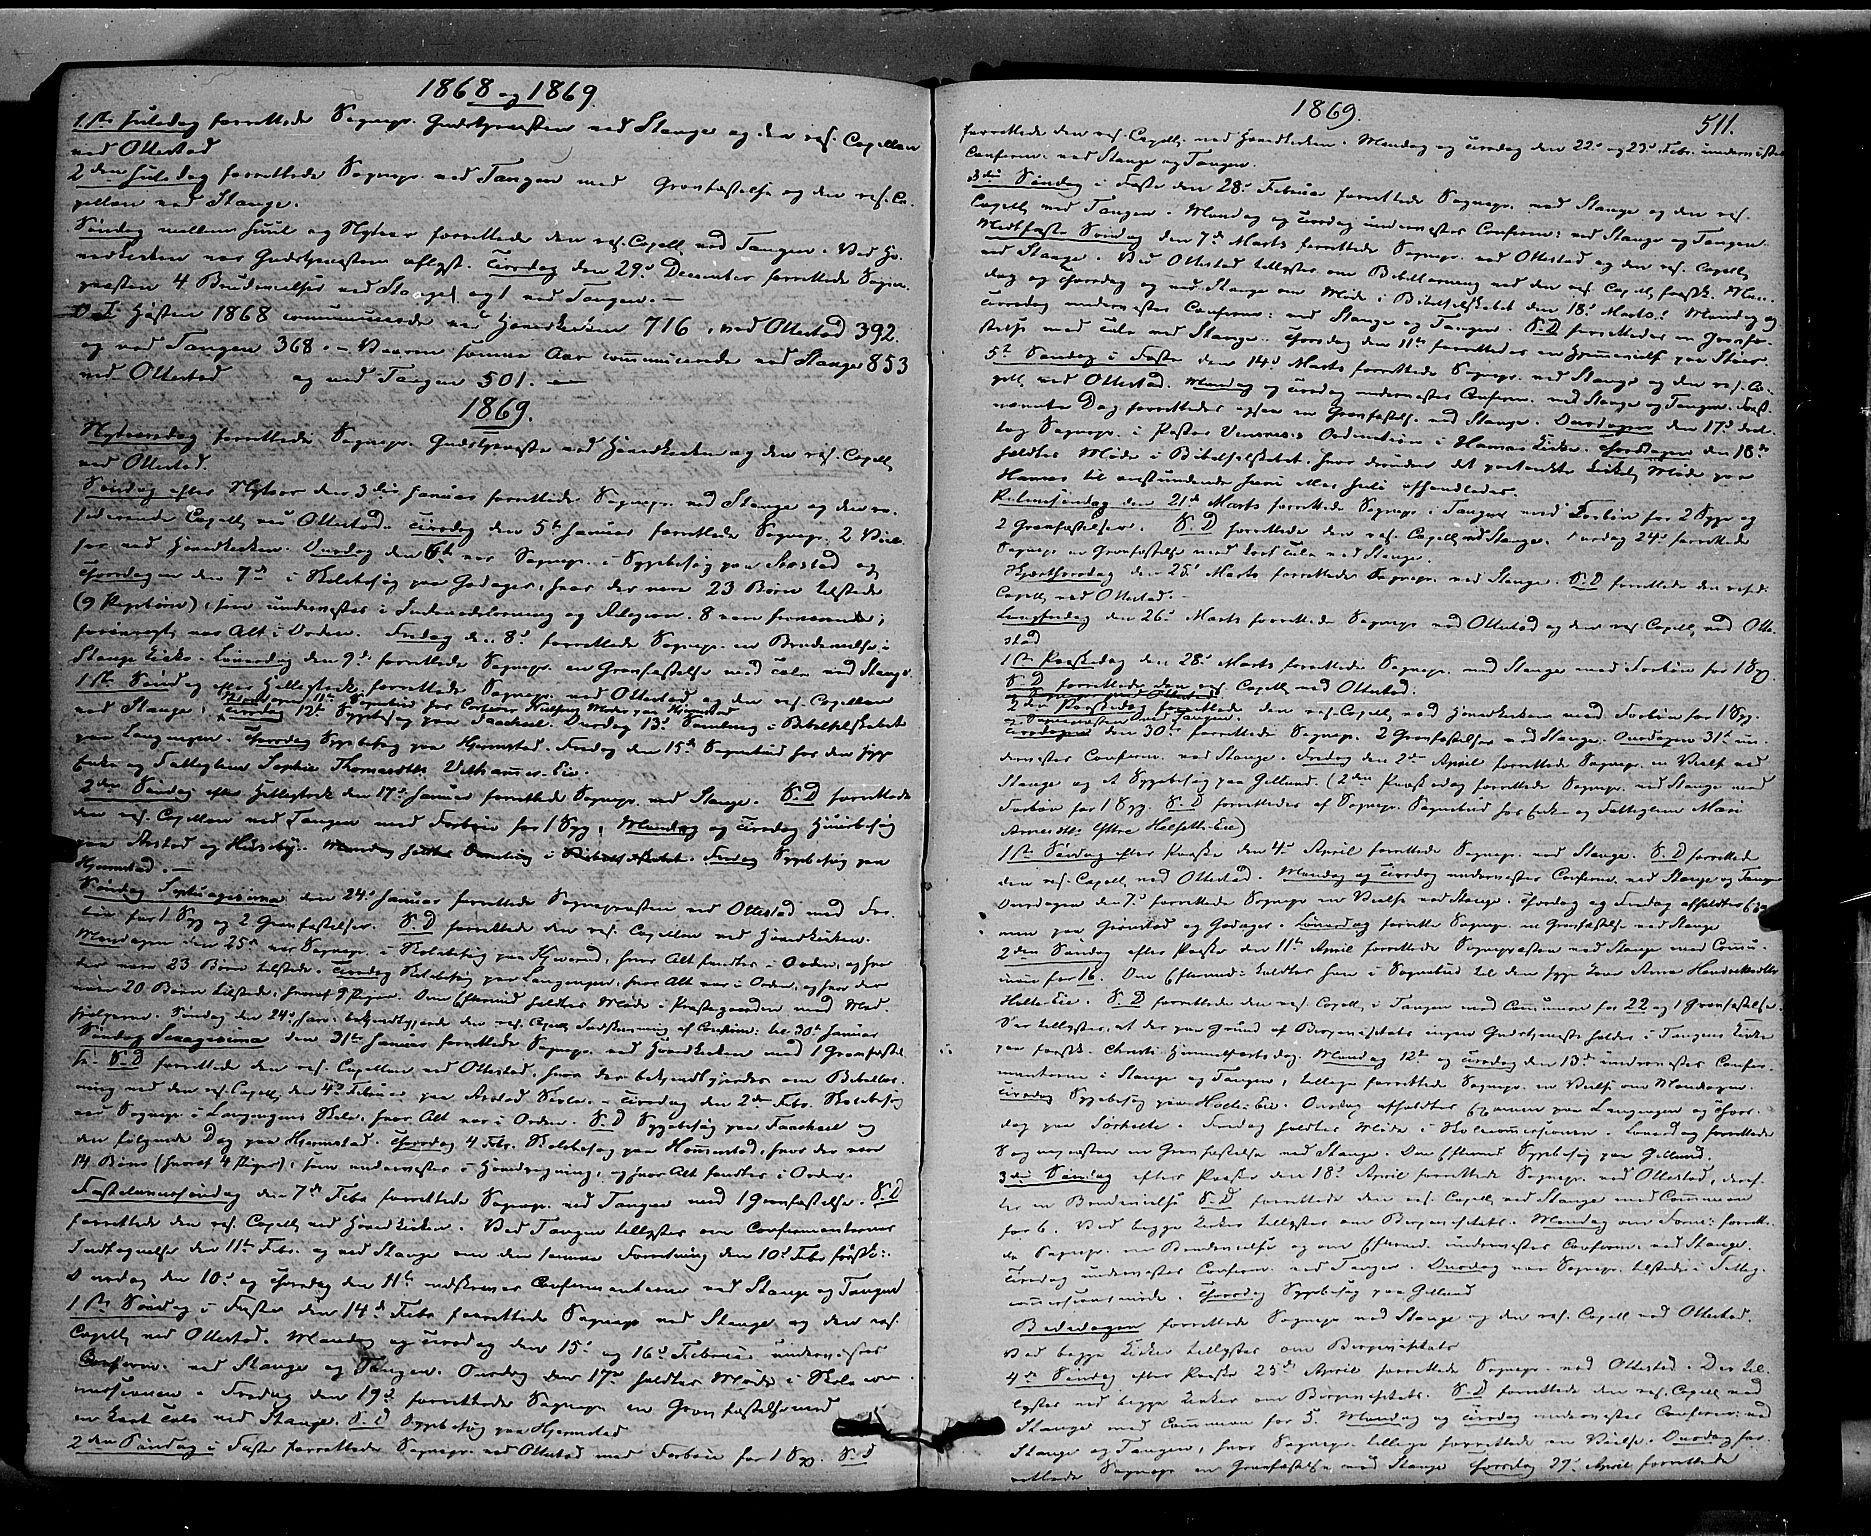 SAH, Stange prestekontor, K/L0013: Parish register (official) no. 13, 1862-1879, p. 511